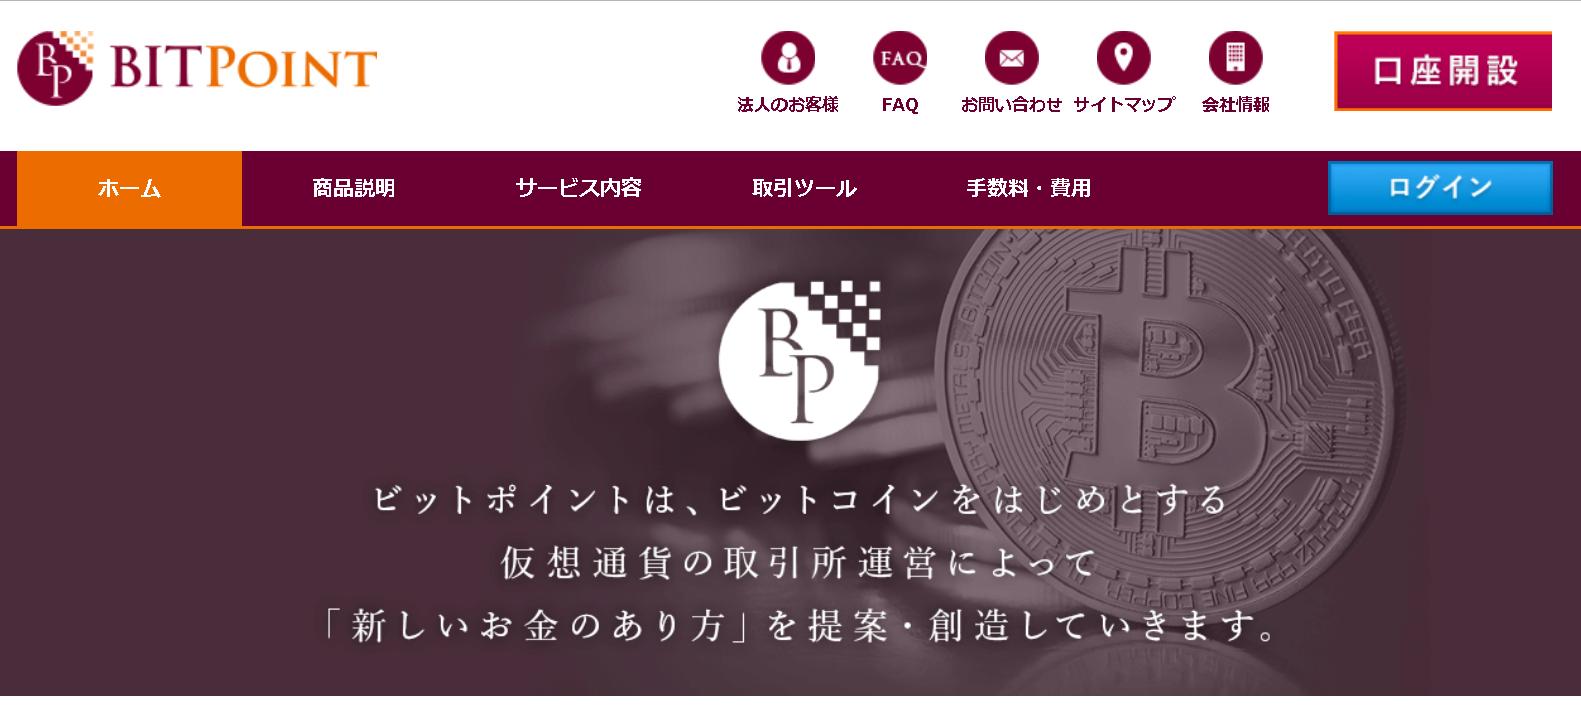 BitPoint(ビットポイント)_LP